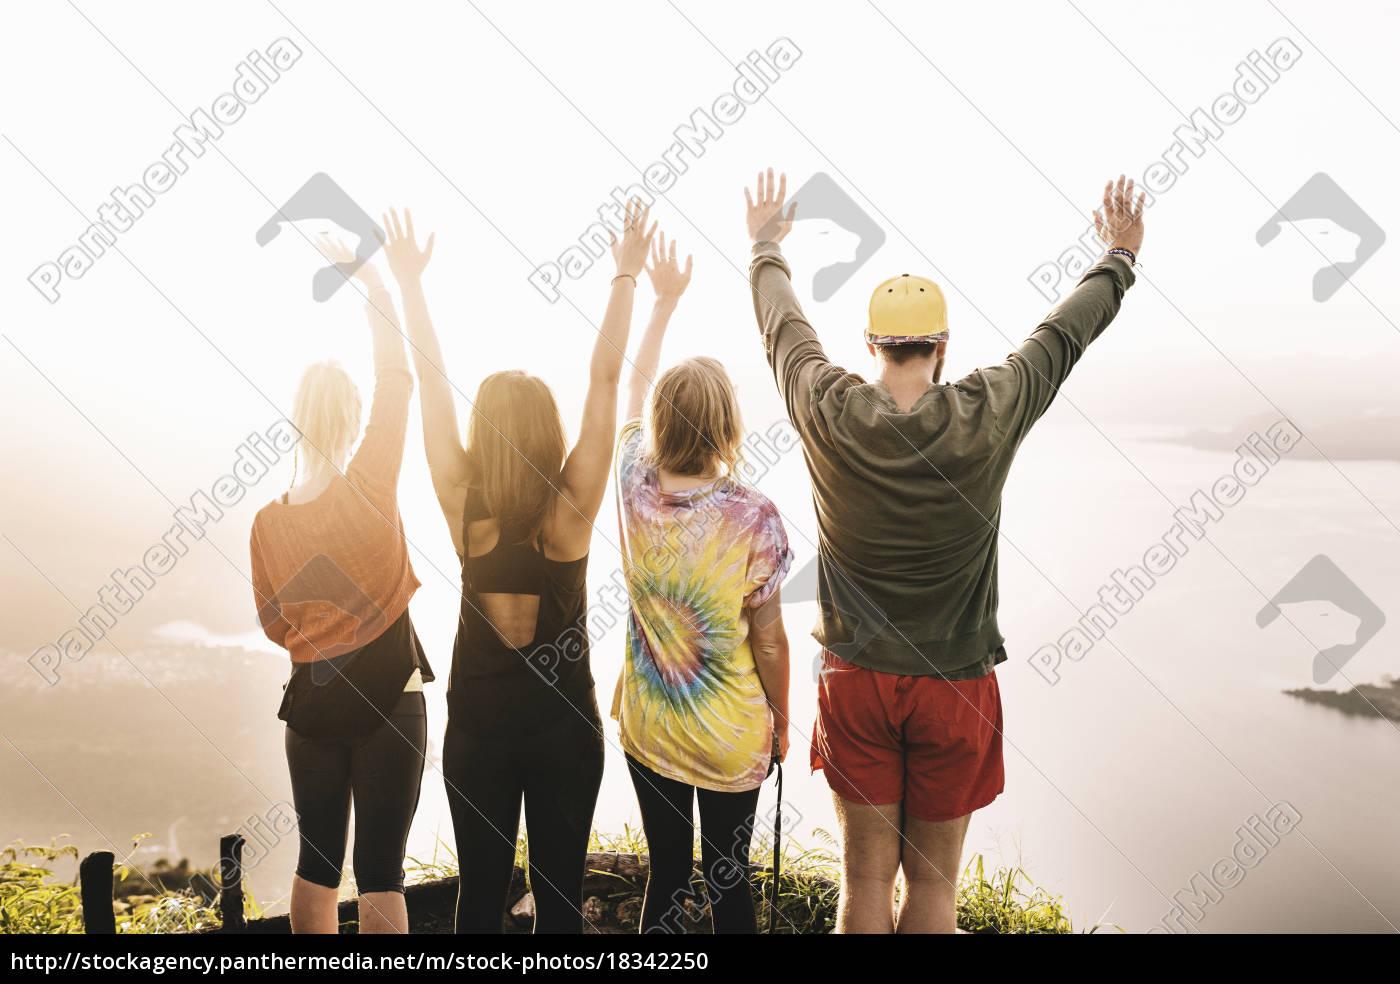 bageste, visning, af, fire, unge, voksne - 18342250